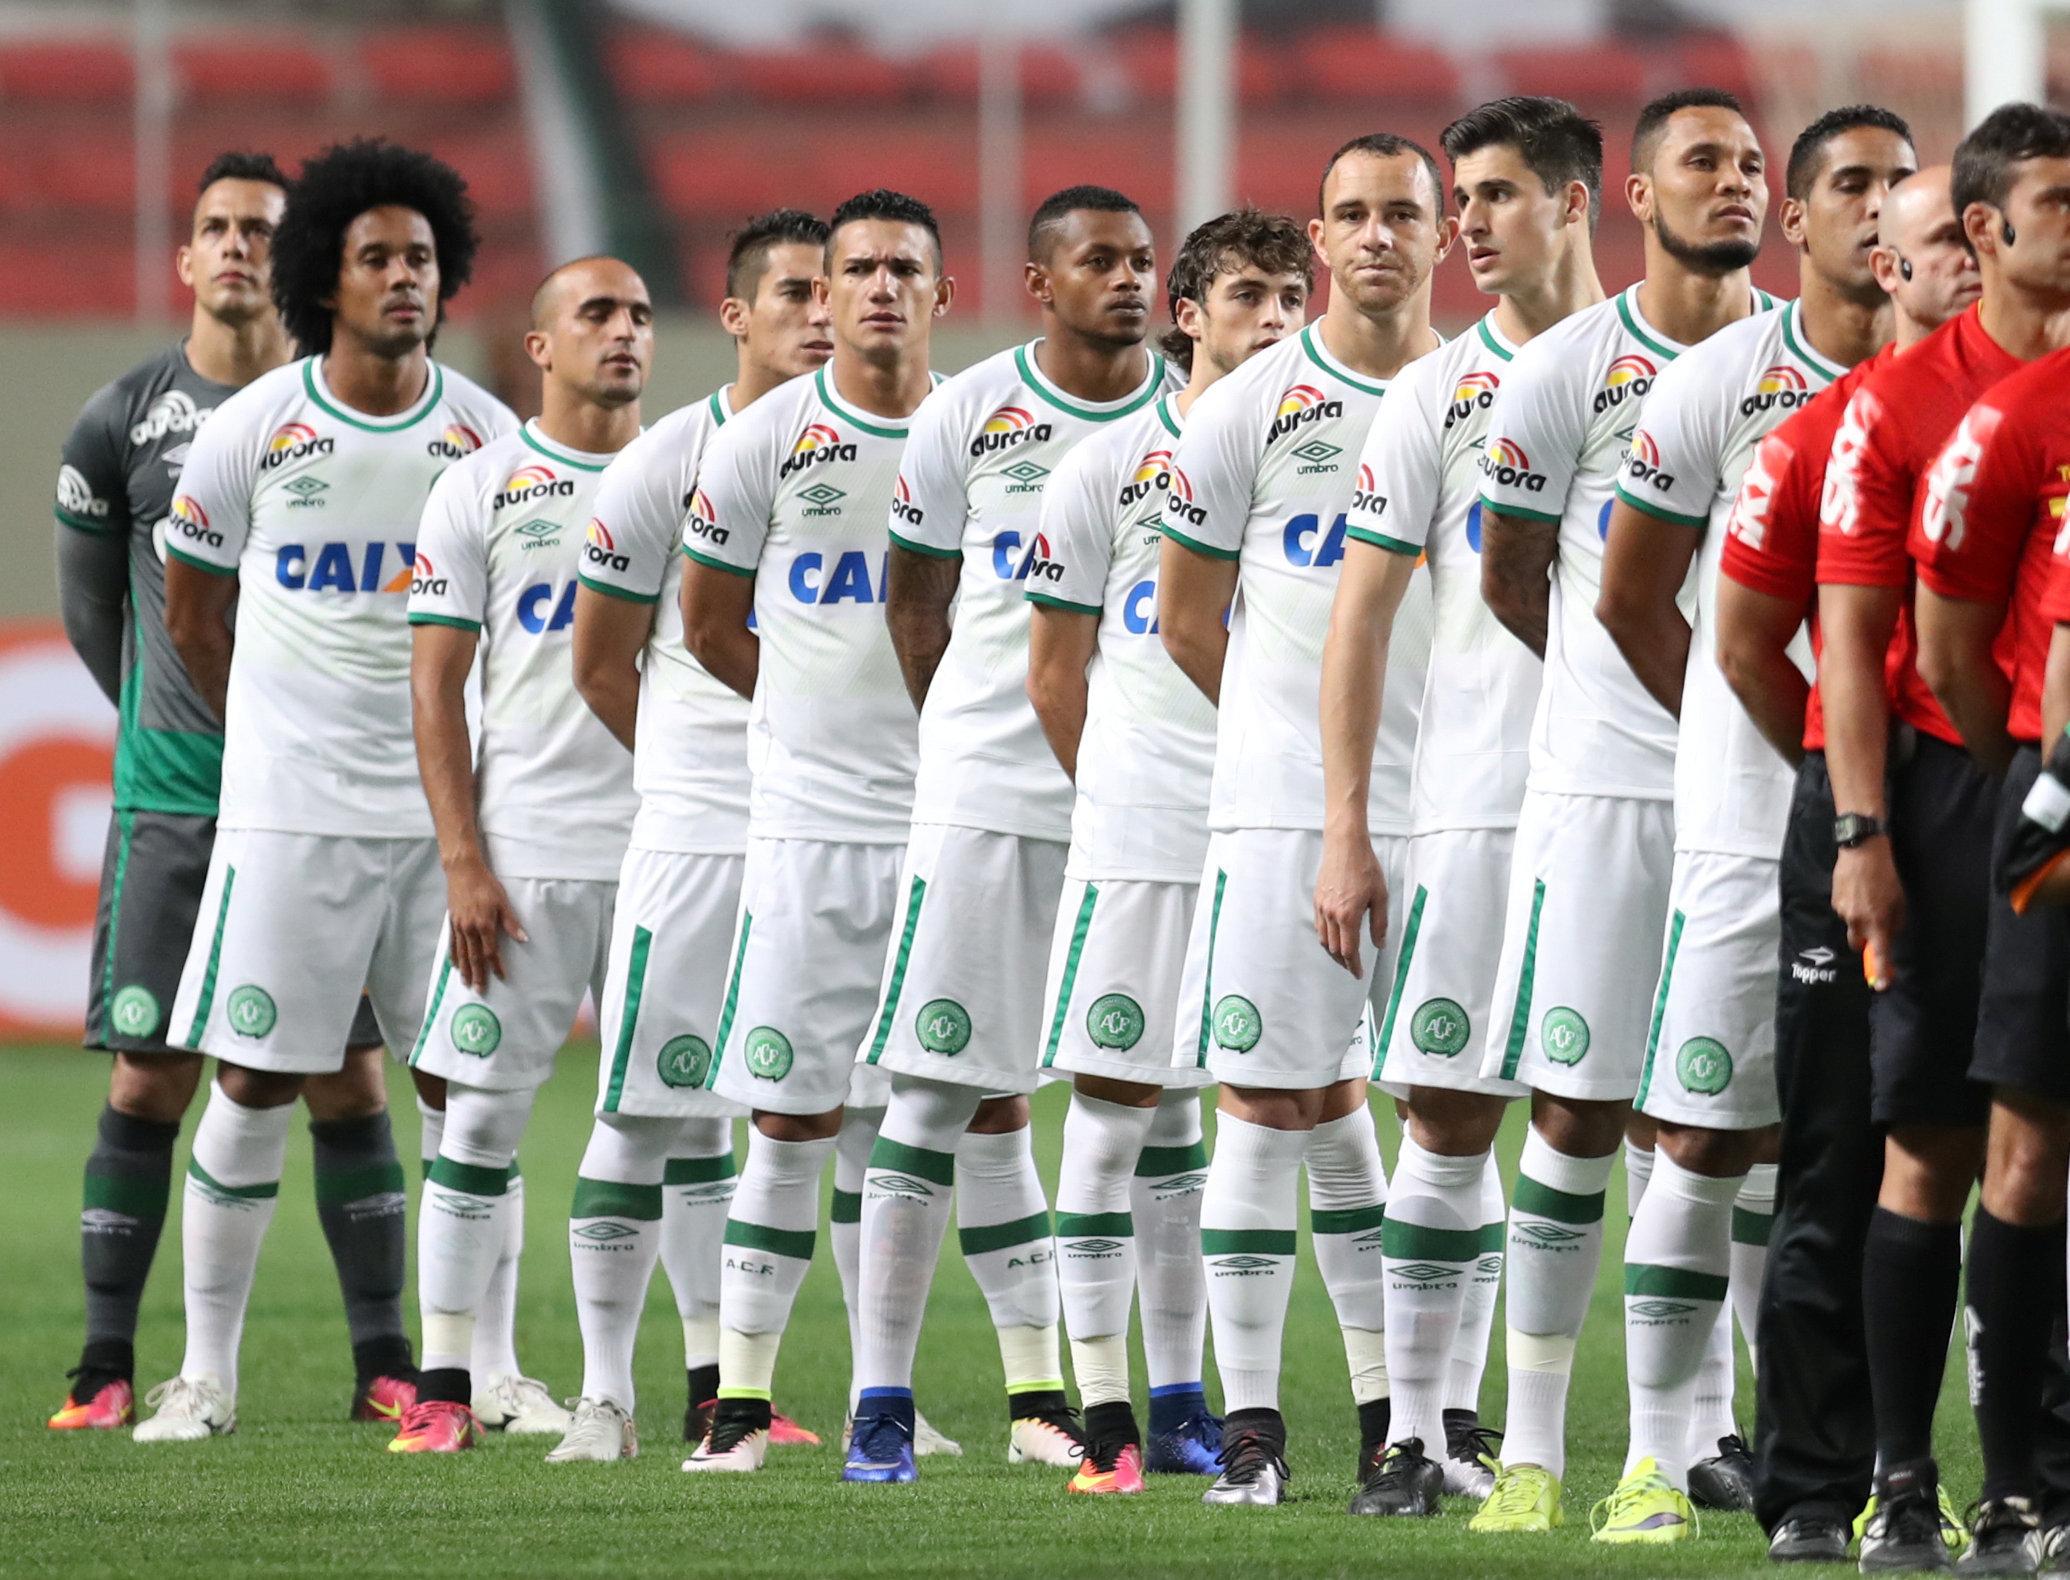 Бразильский футбольный клуб Шапекоэнсе